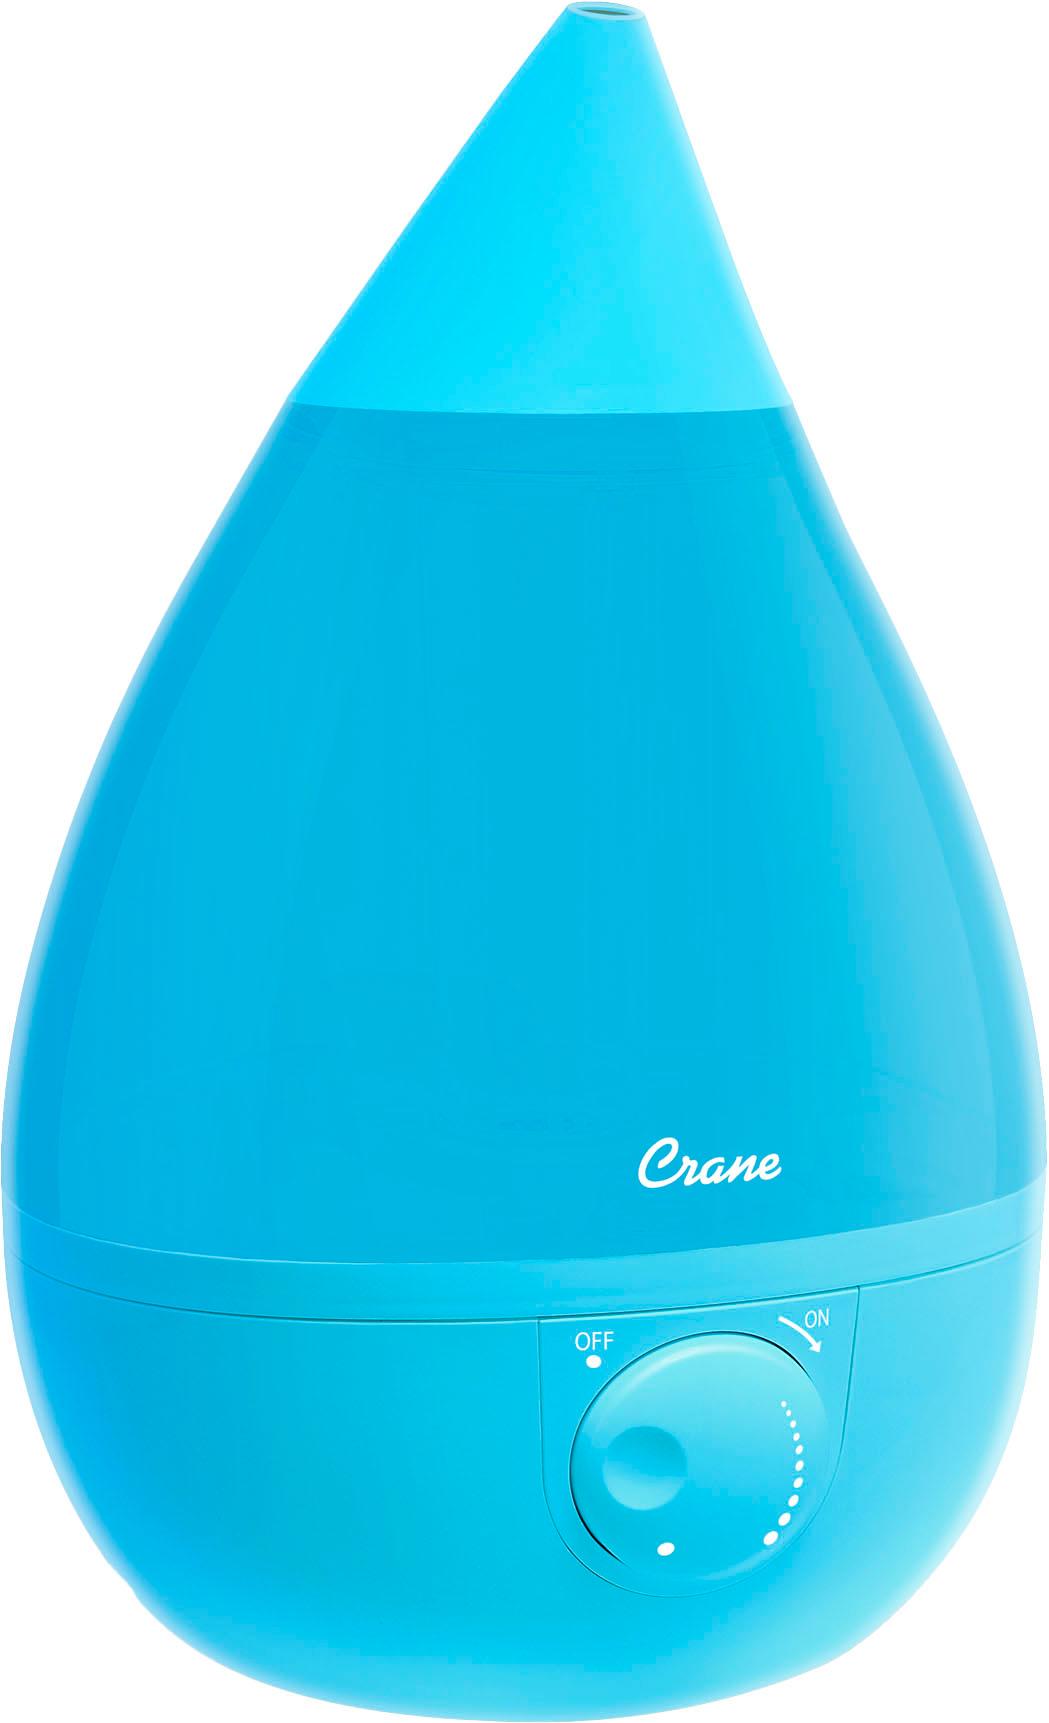 Crane - 1-Gal. Ultrasonic Drop-Shape Humidifier - Blue